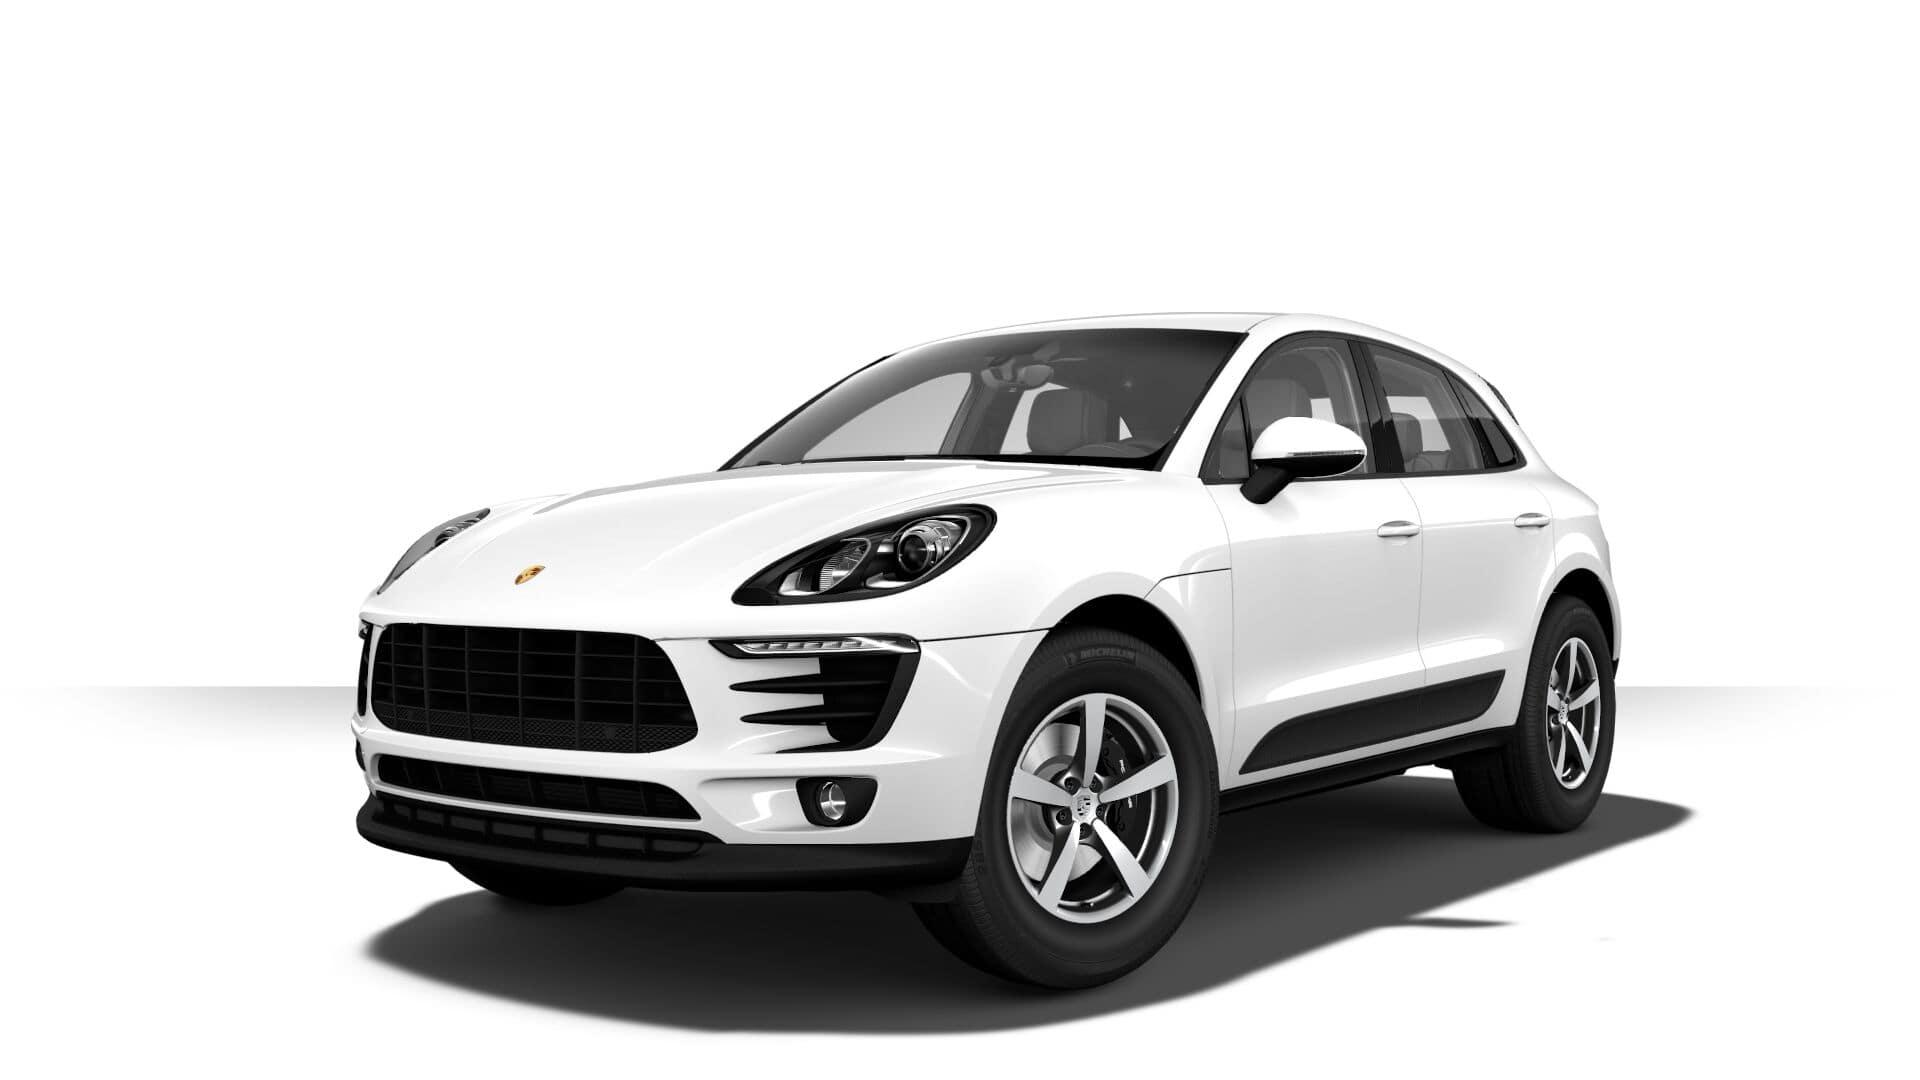 Porsche Macan White